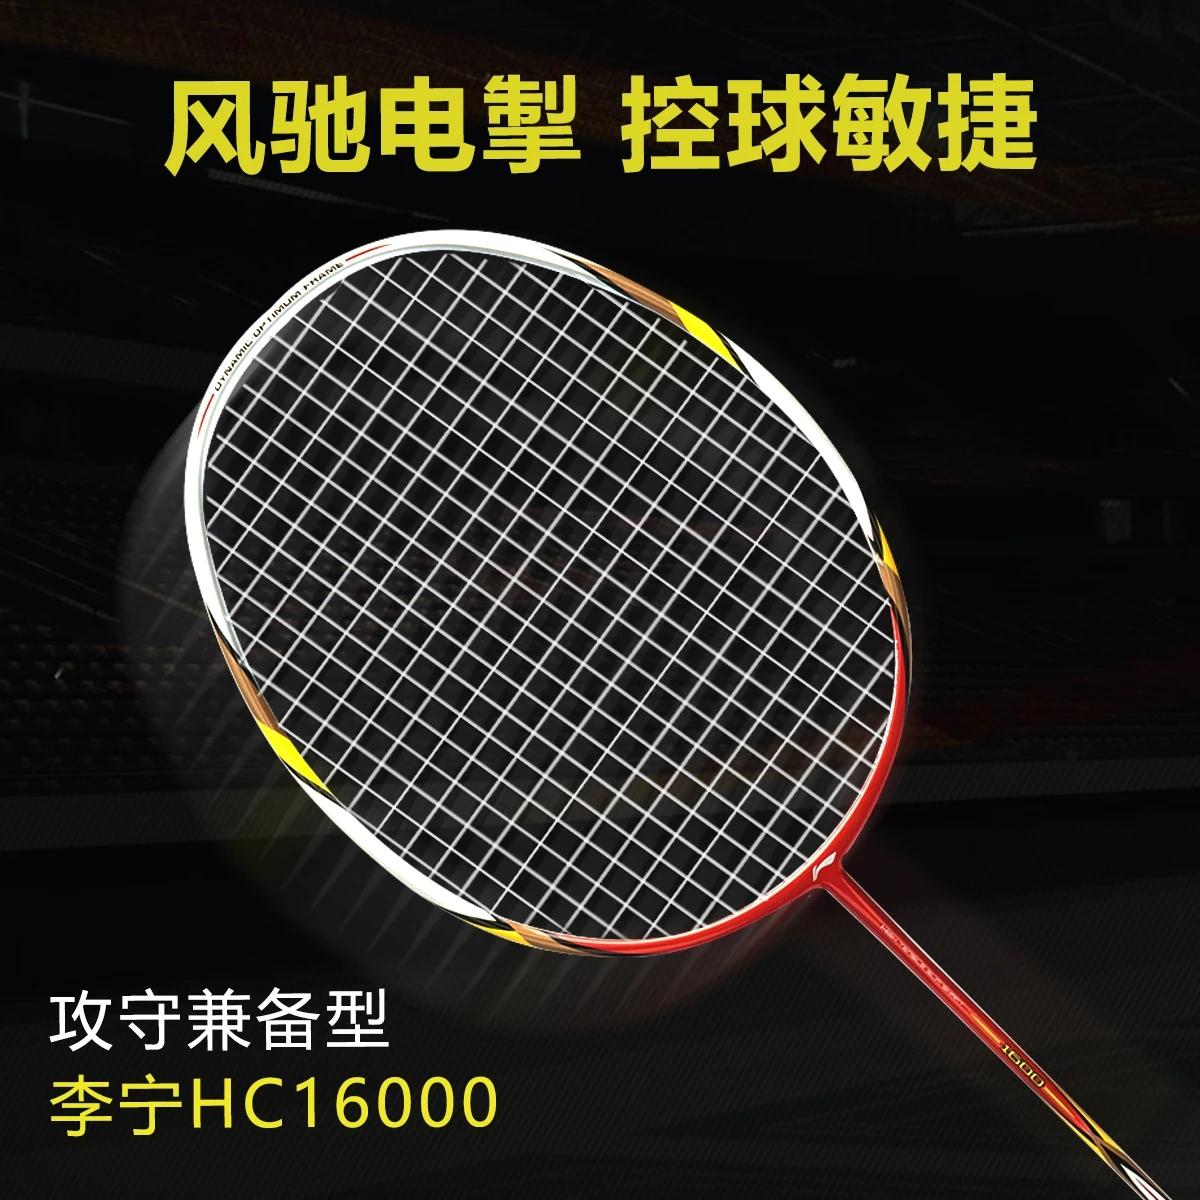 李宁羽毛球拍李宁HC1600羽毛球系列羽毛球拍 AYPJ004-1-红色